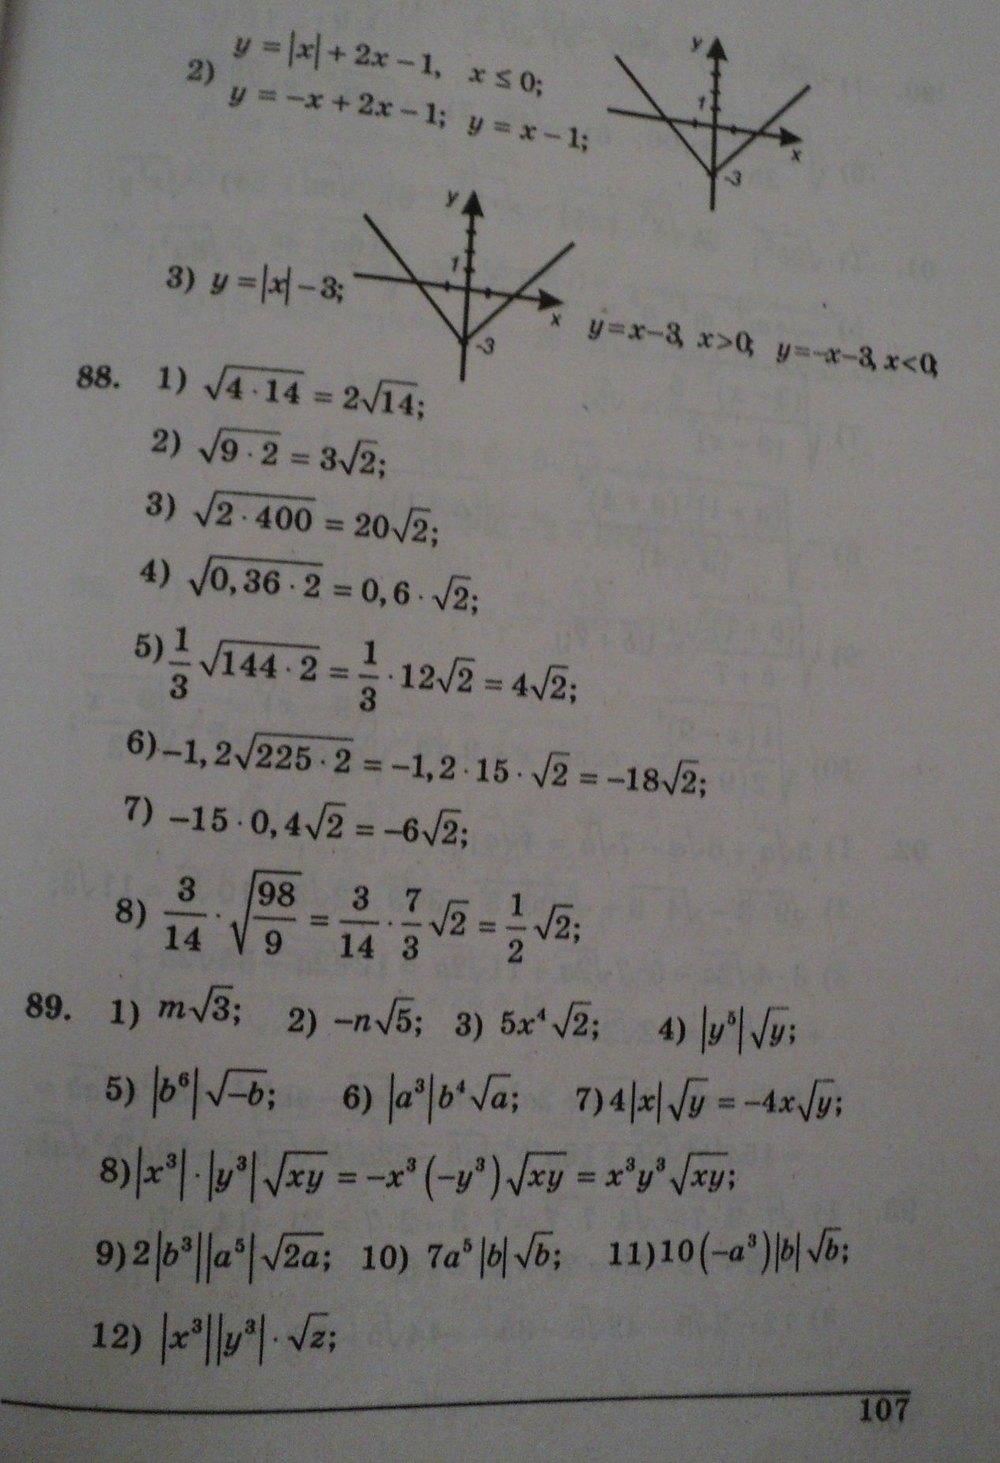 ГДЗ по алгебре 8 класс Щербань П.. Задание: стр. 107